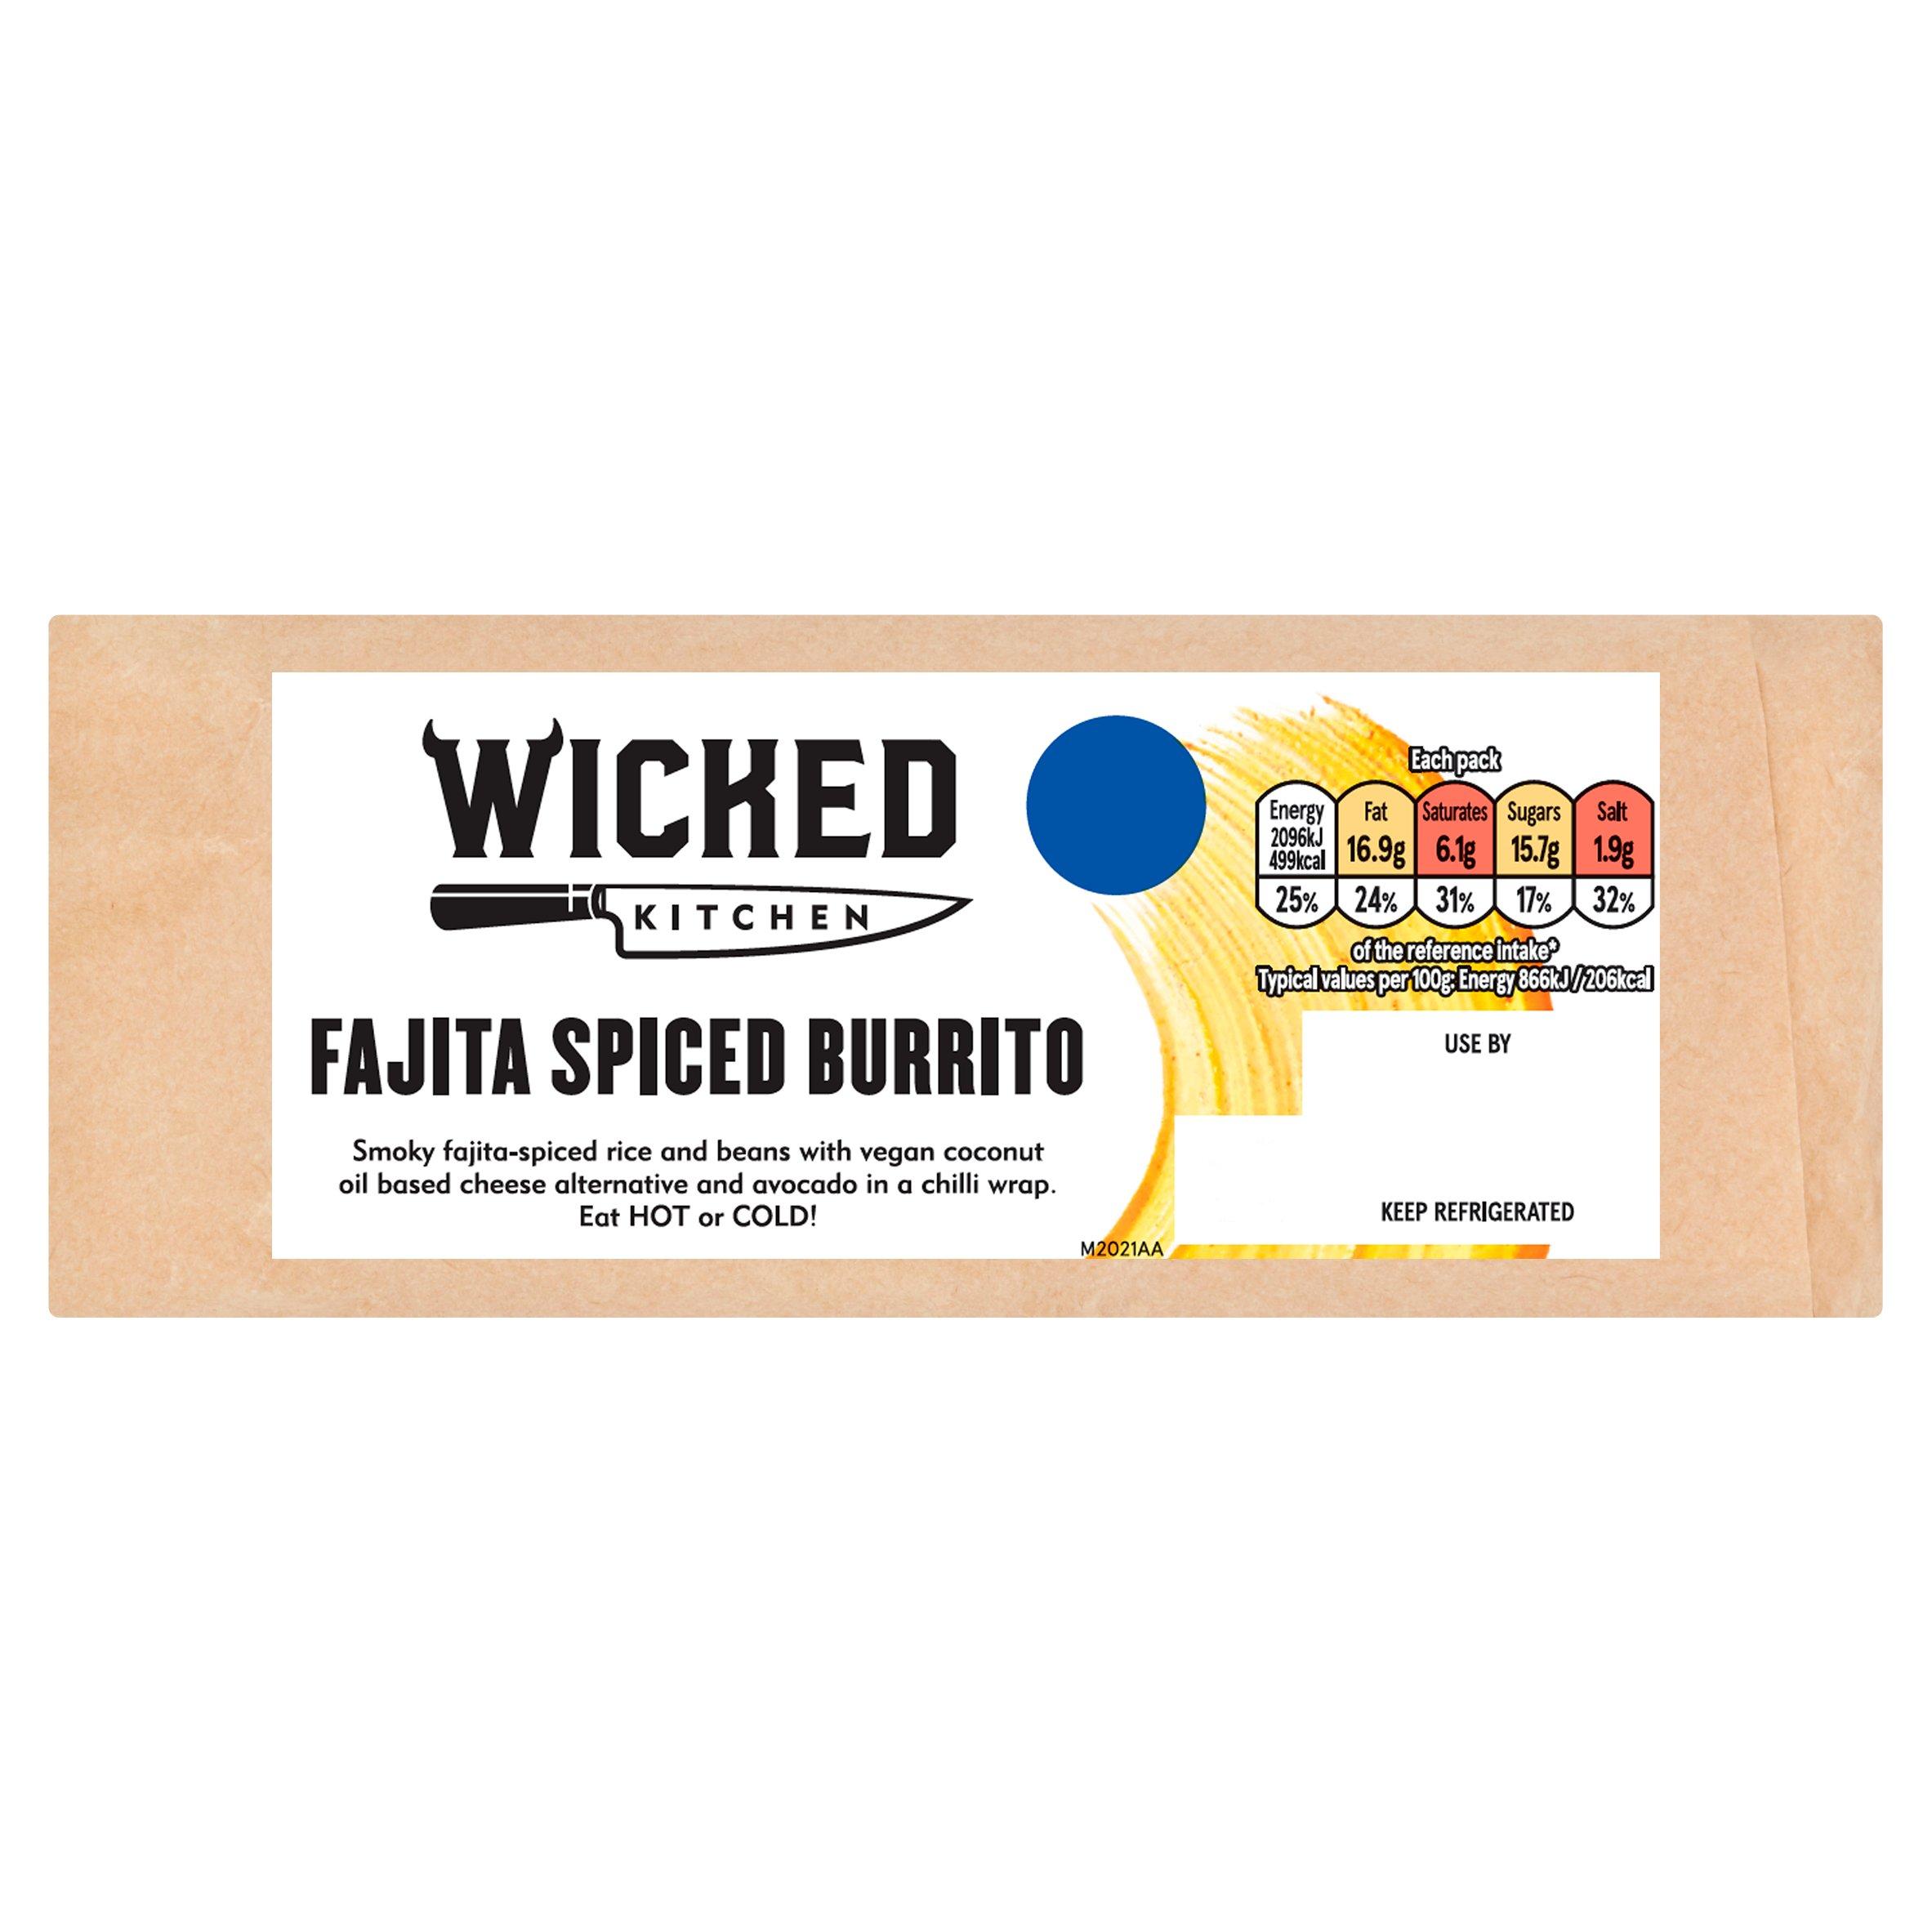 Wicked Kitchen Fajita Spiced Burrito